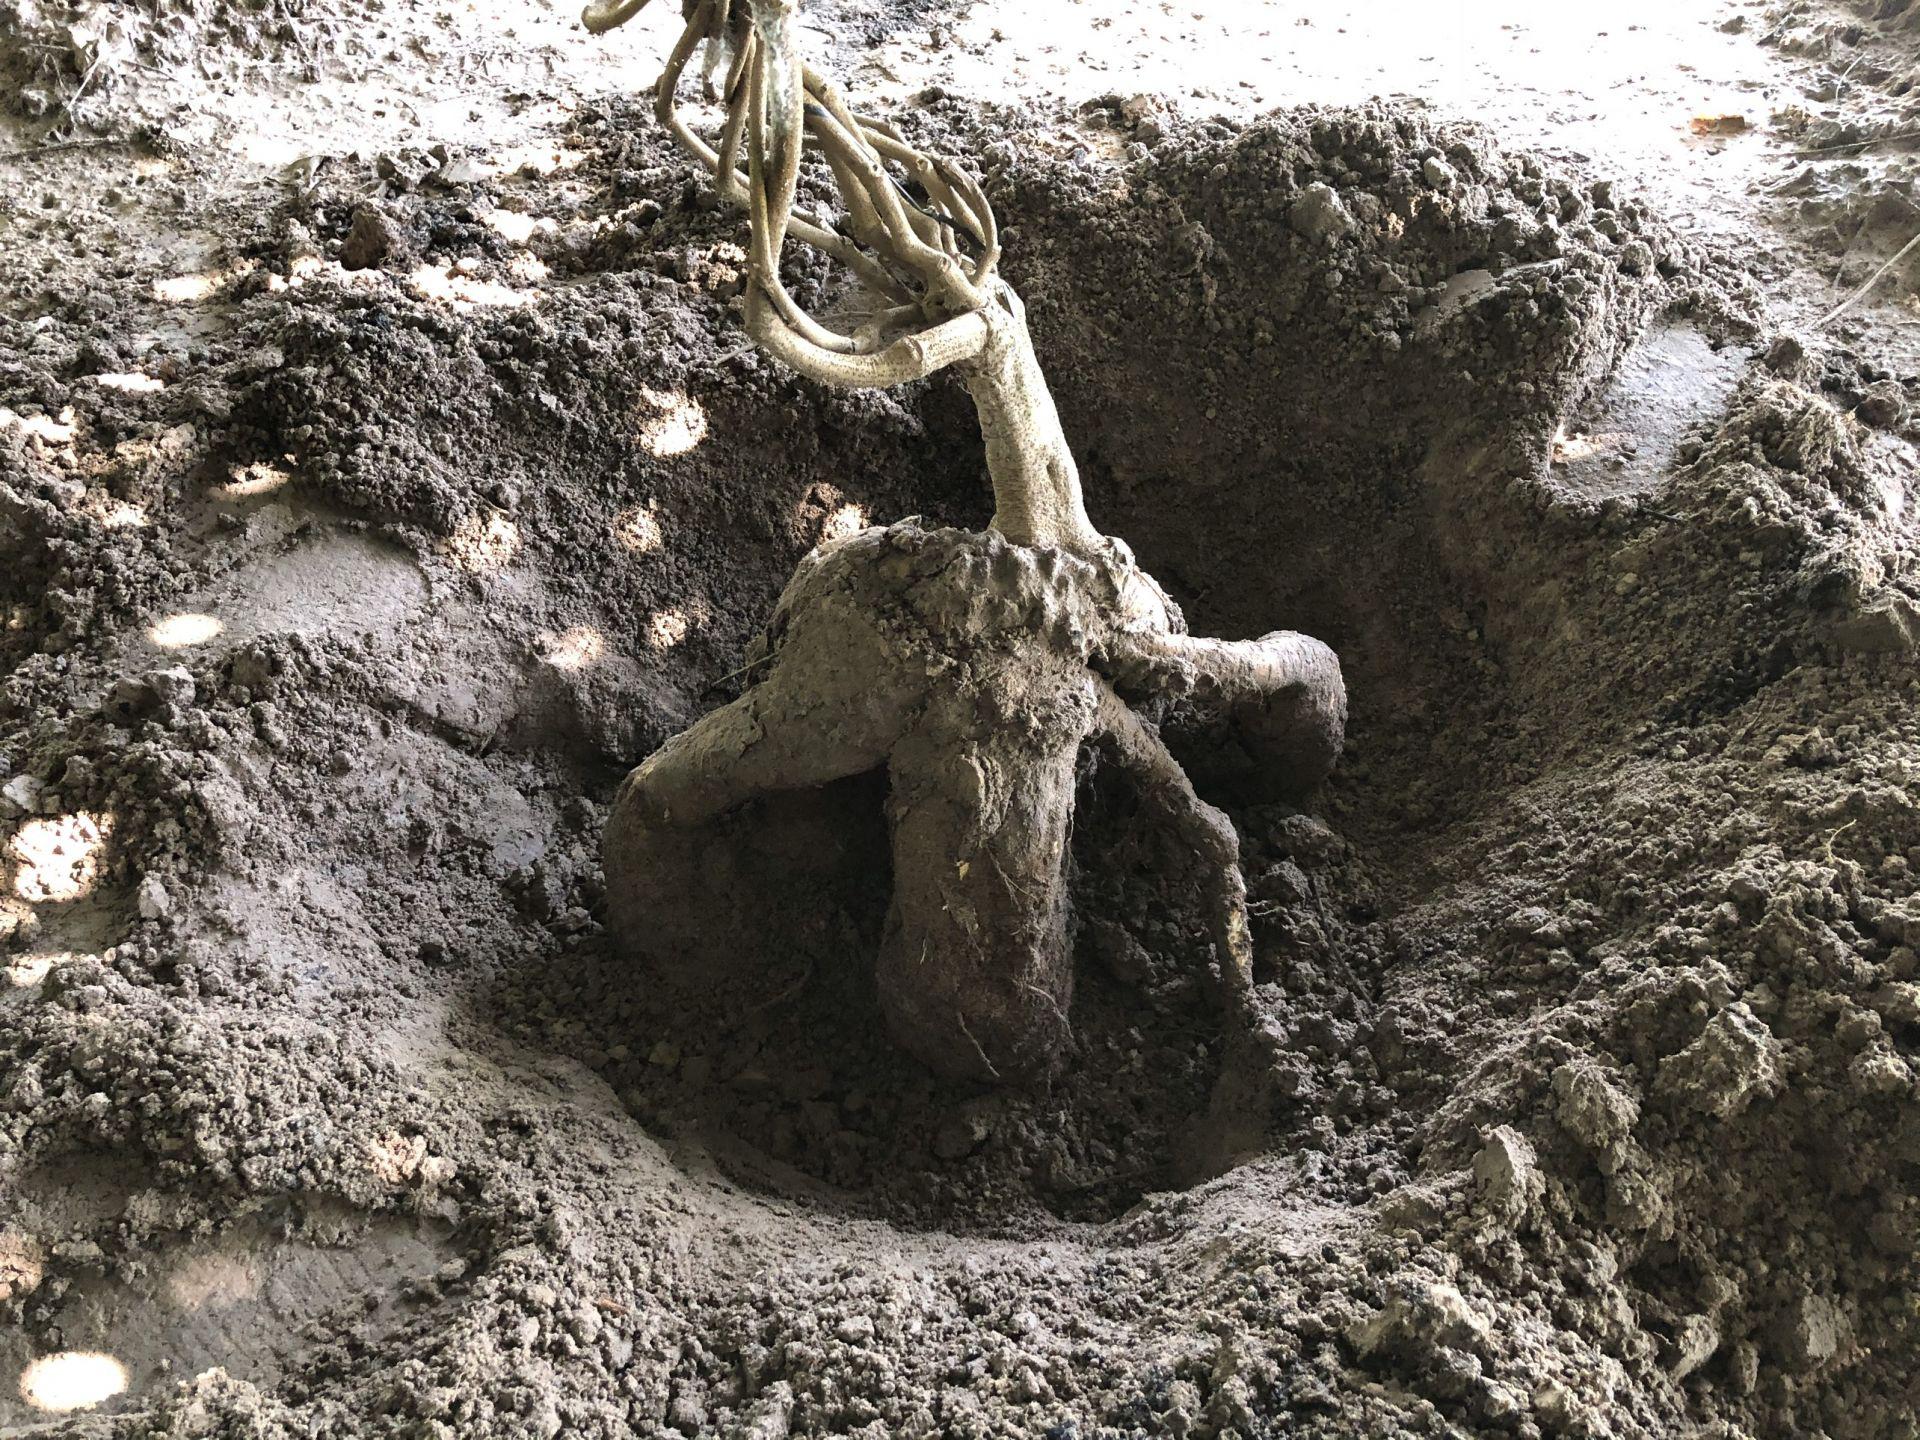 Châu Thành: Trồng loại củ dài ngoẵng, to đùng, xưa để cứu đói nay để làm giàu - Ảnh 3.